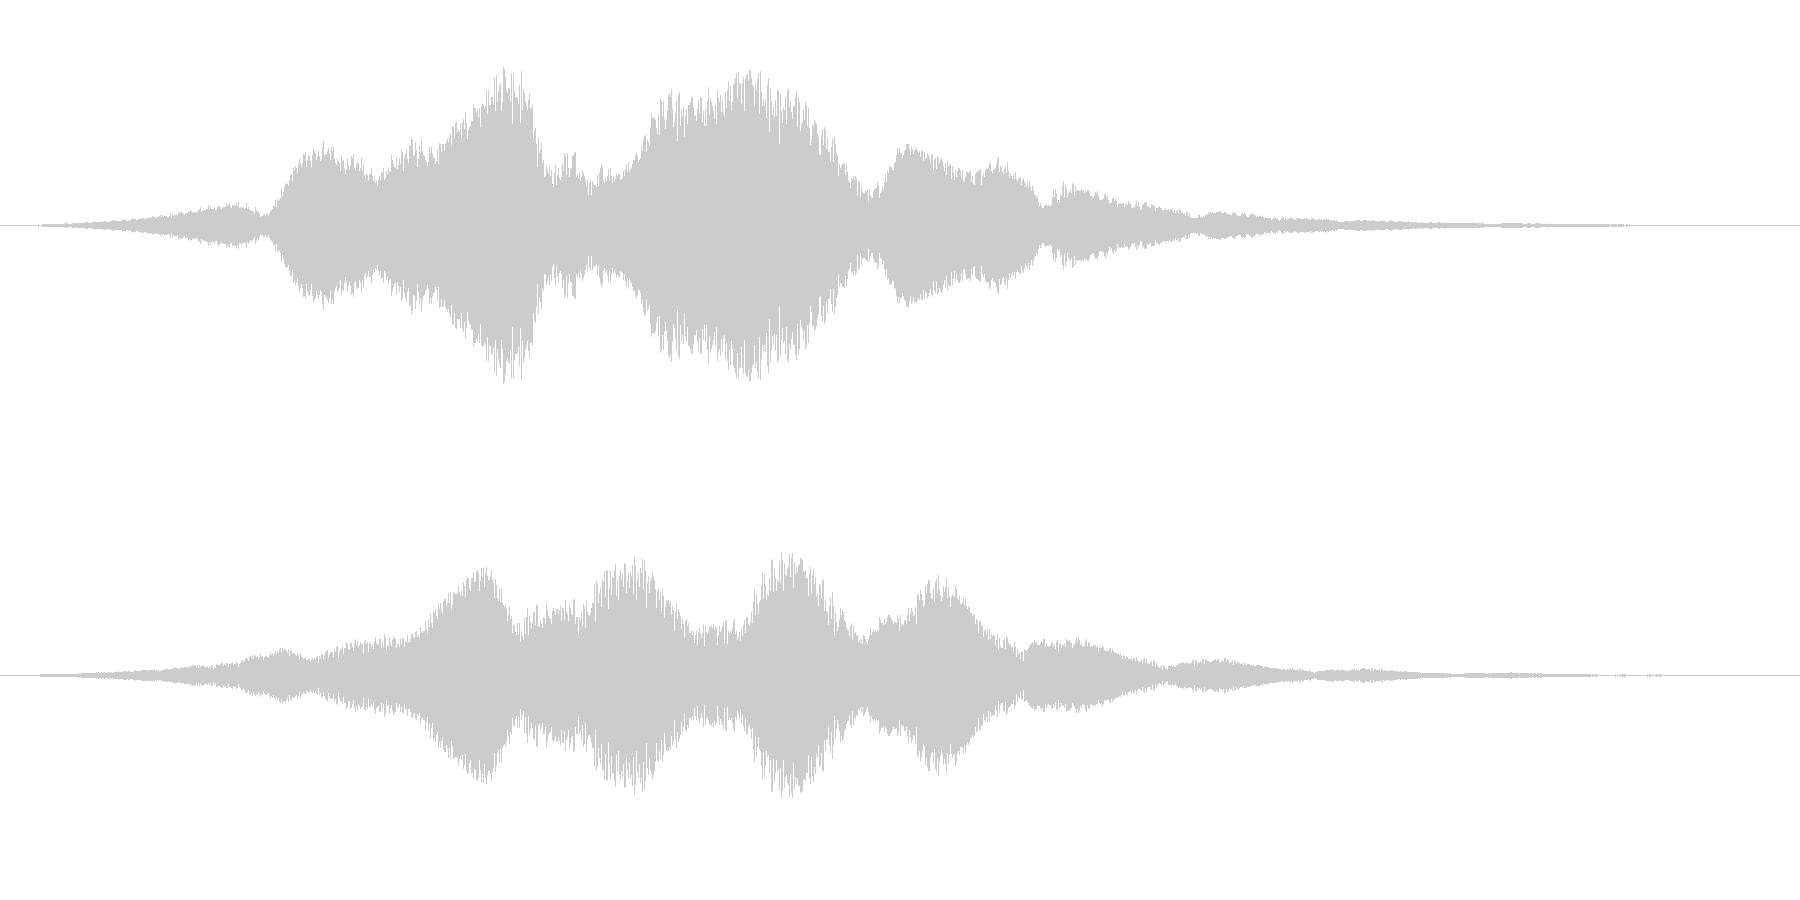 金属を摺るような効果音ですの未再生の波形